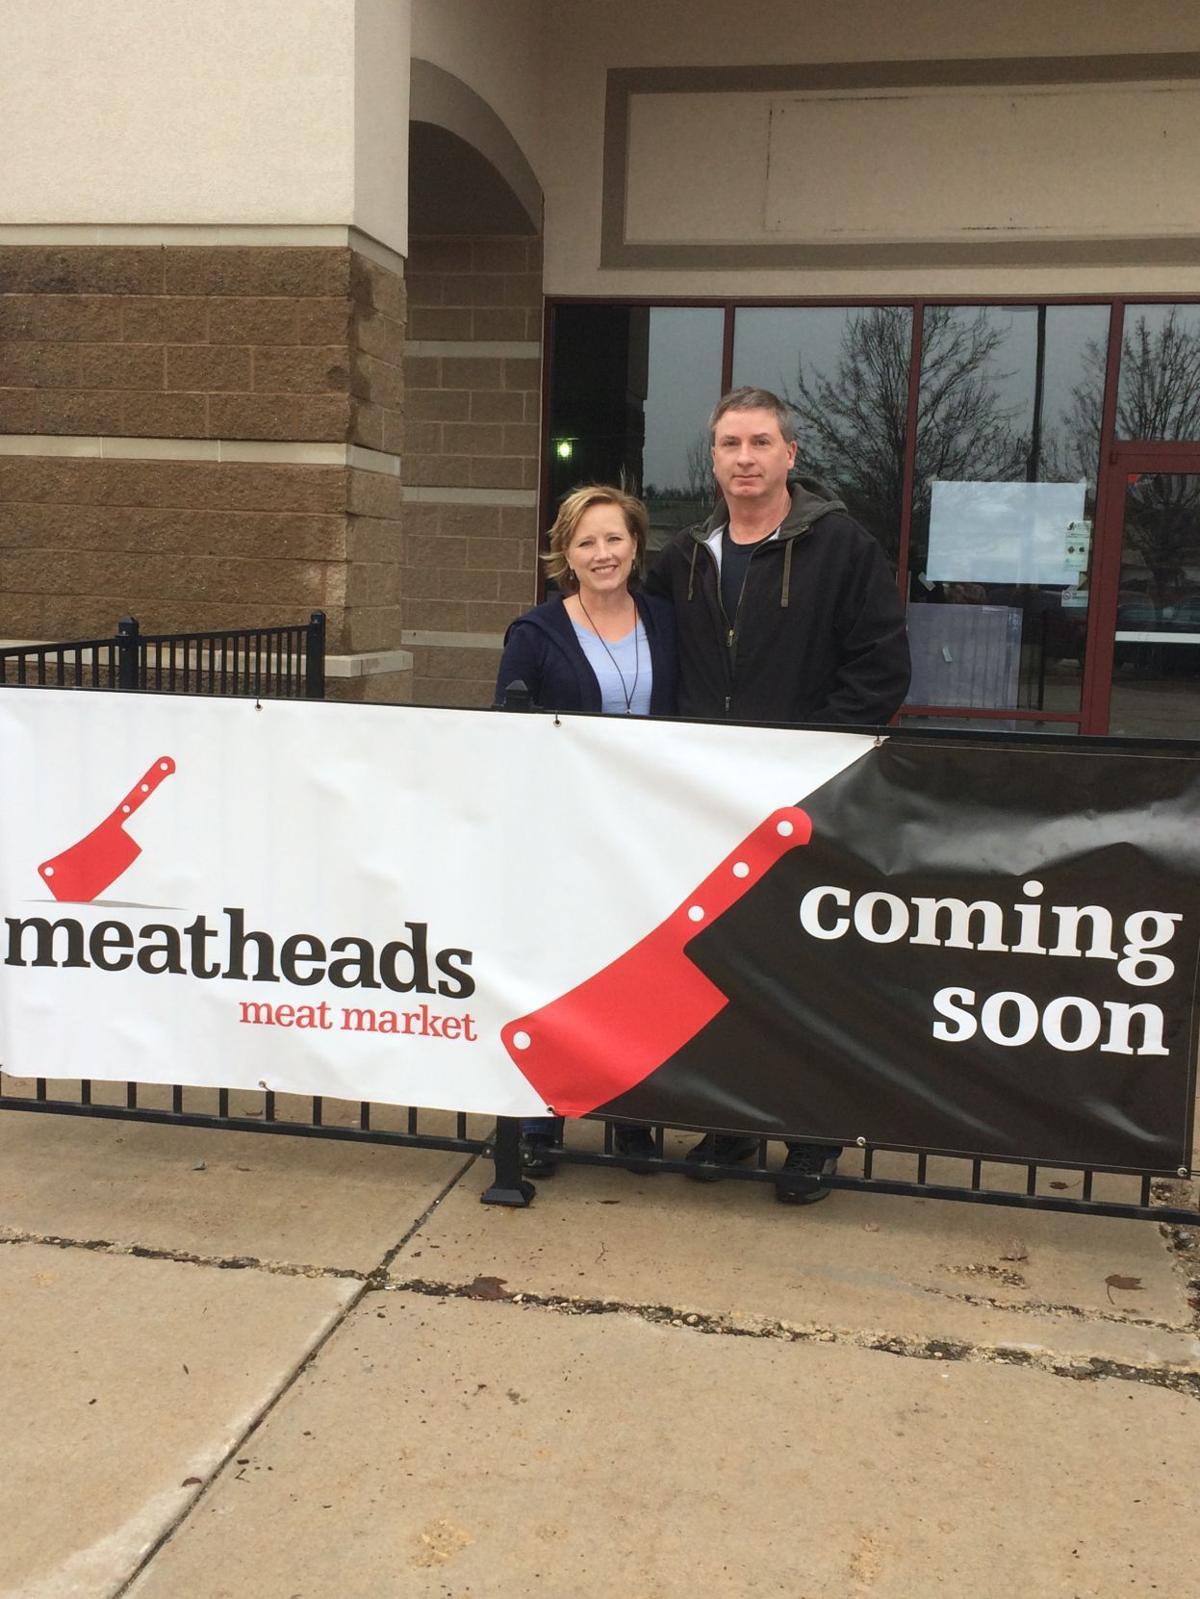 Meatheads Meat Market